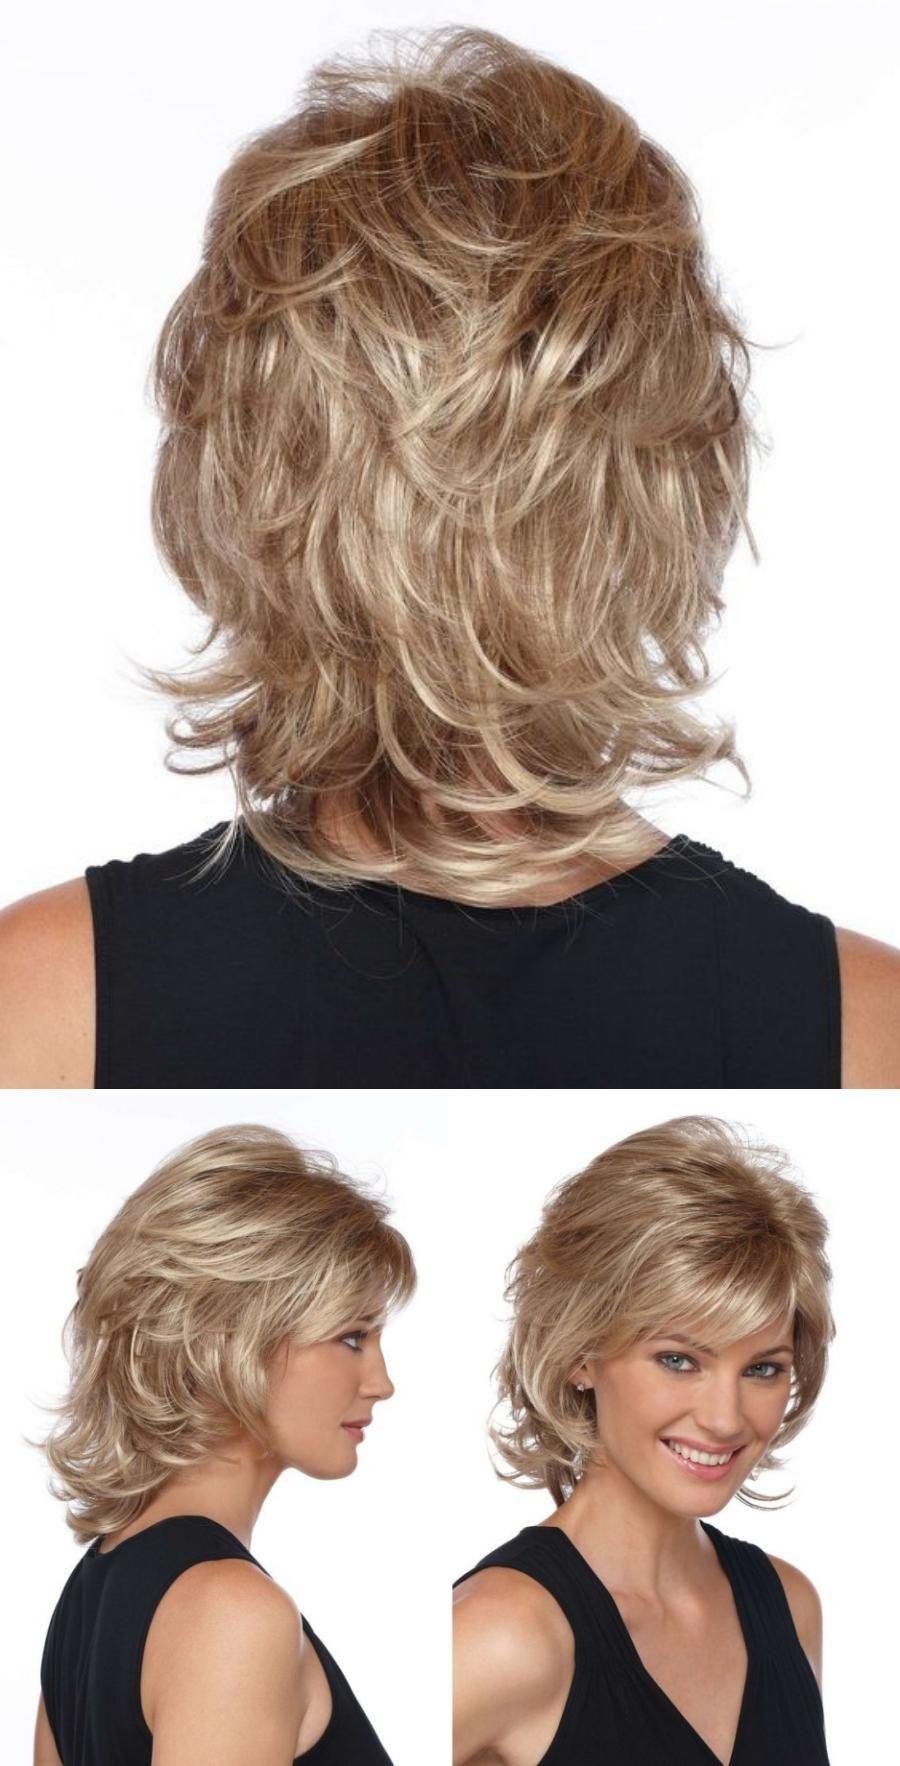 Bem Na Foto : +12 Cortes De Cabelo Médio Repicado #2 - Page 7 of 20 - Easy Hairstyles #layeredhair